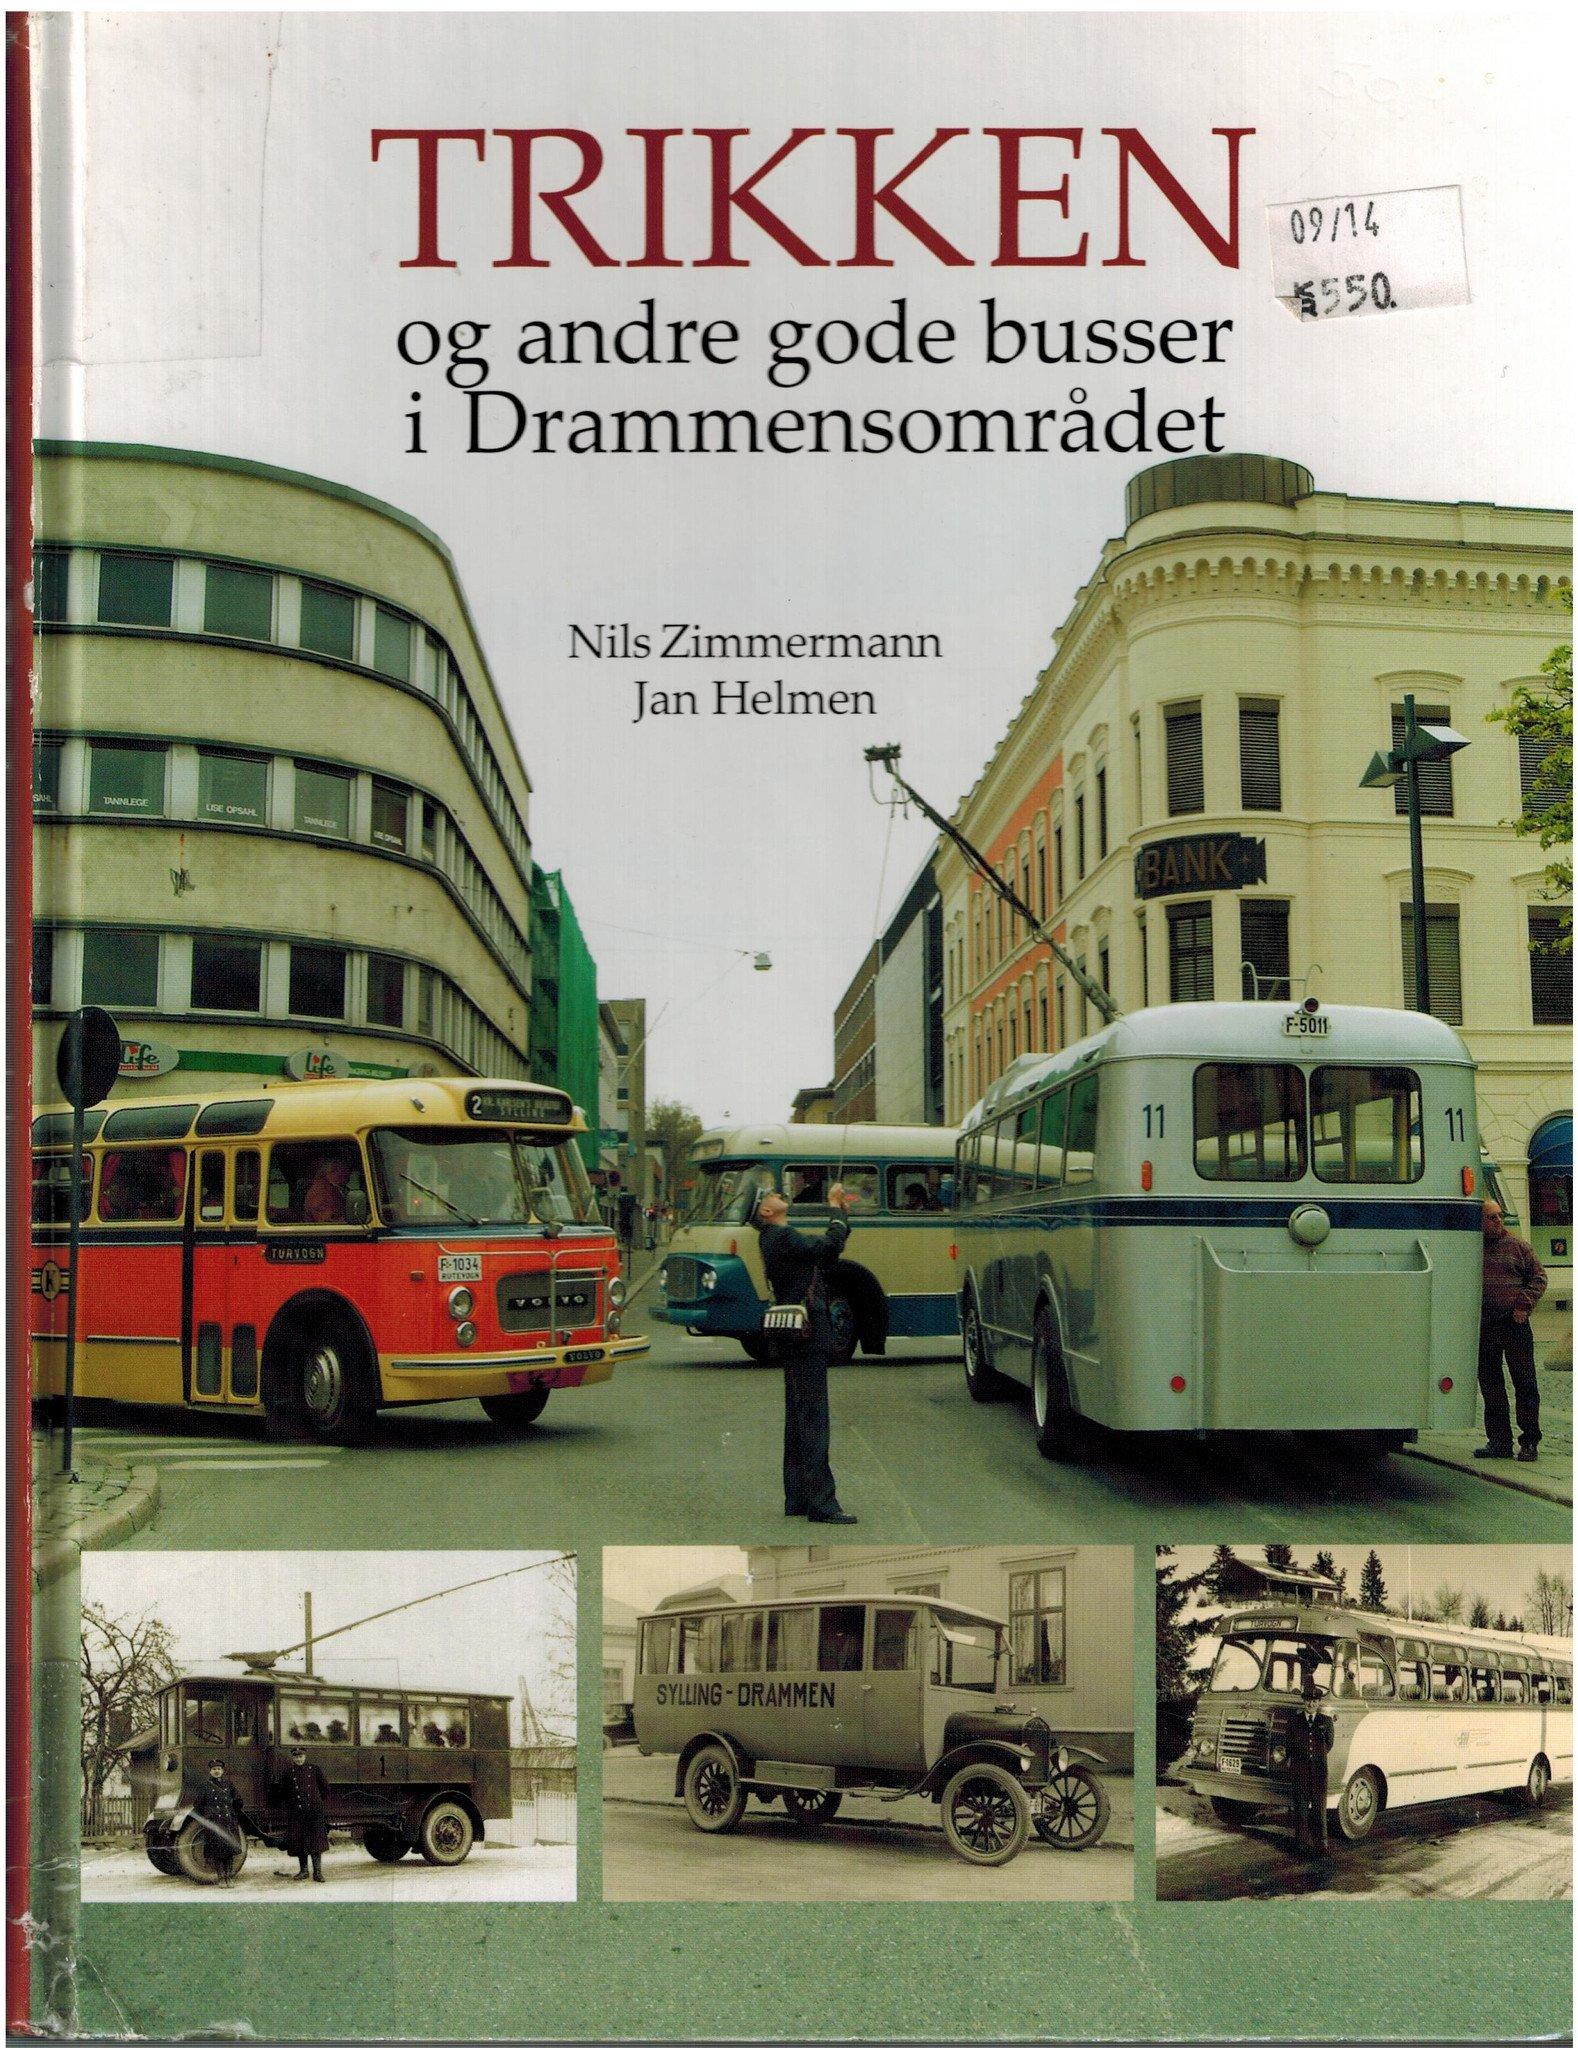 Trikken og andre gode busser i Drammensområdet